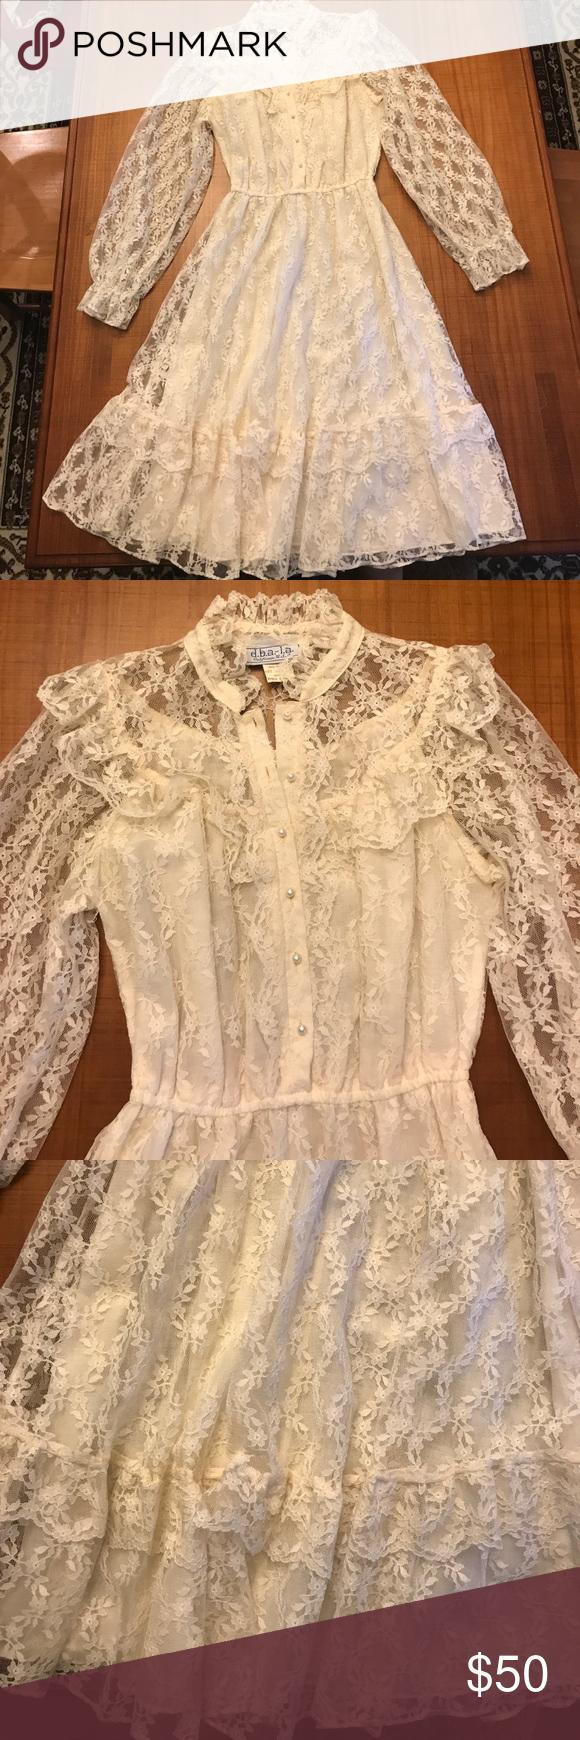 Lace dress vintage  VINTAGE lace dress  Pinterest  Vintage lace dresses Vintage lace